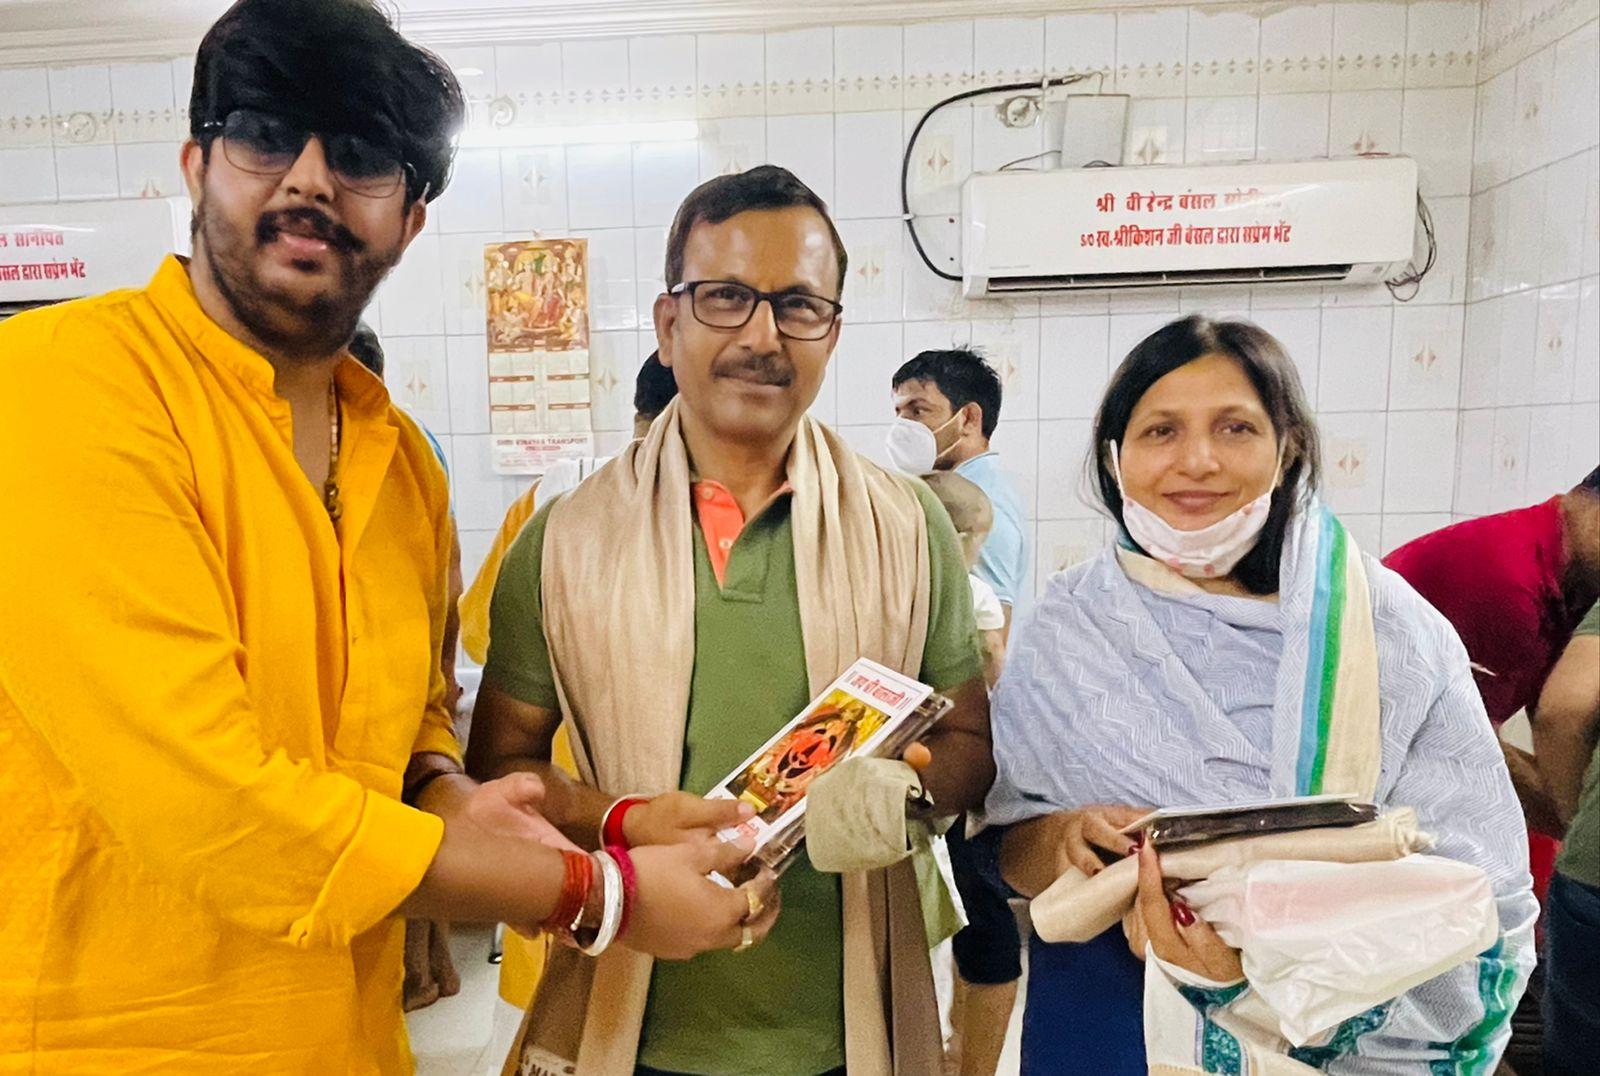 चंदीगढ़ पुलिस महानिरीक्षक ने किये बालाजी के दर्शन